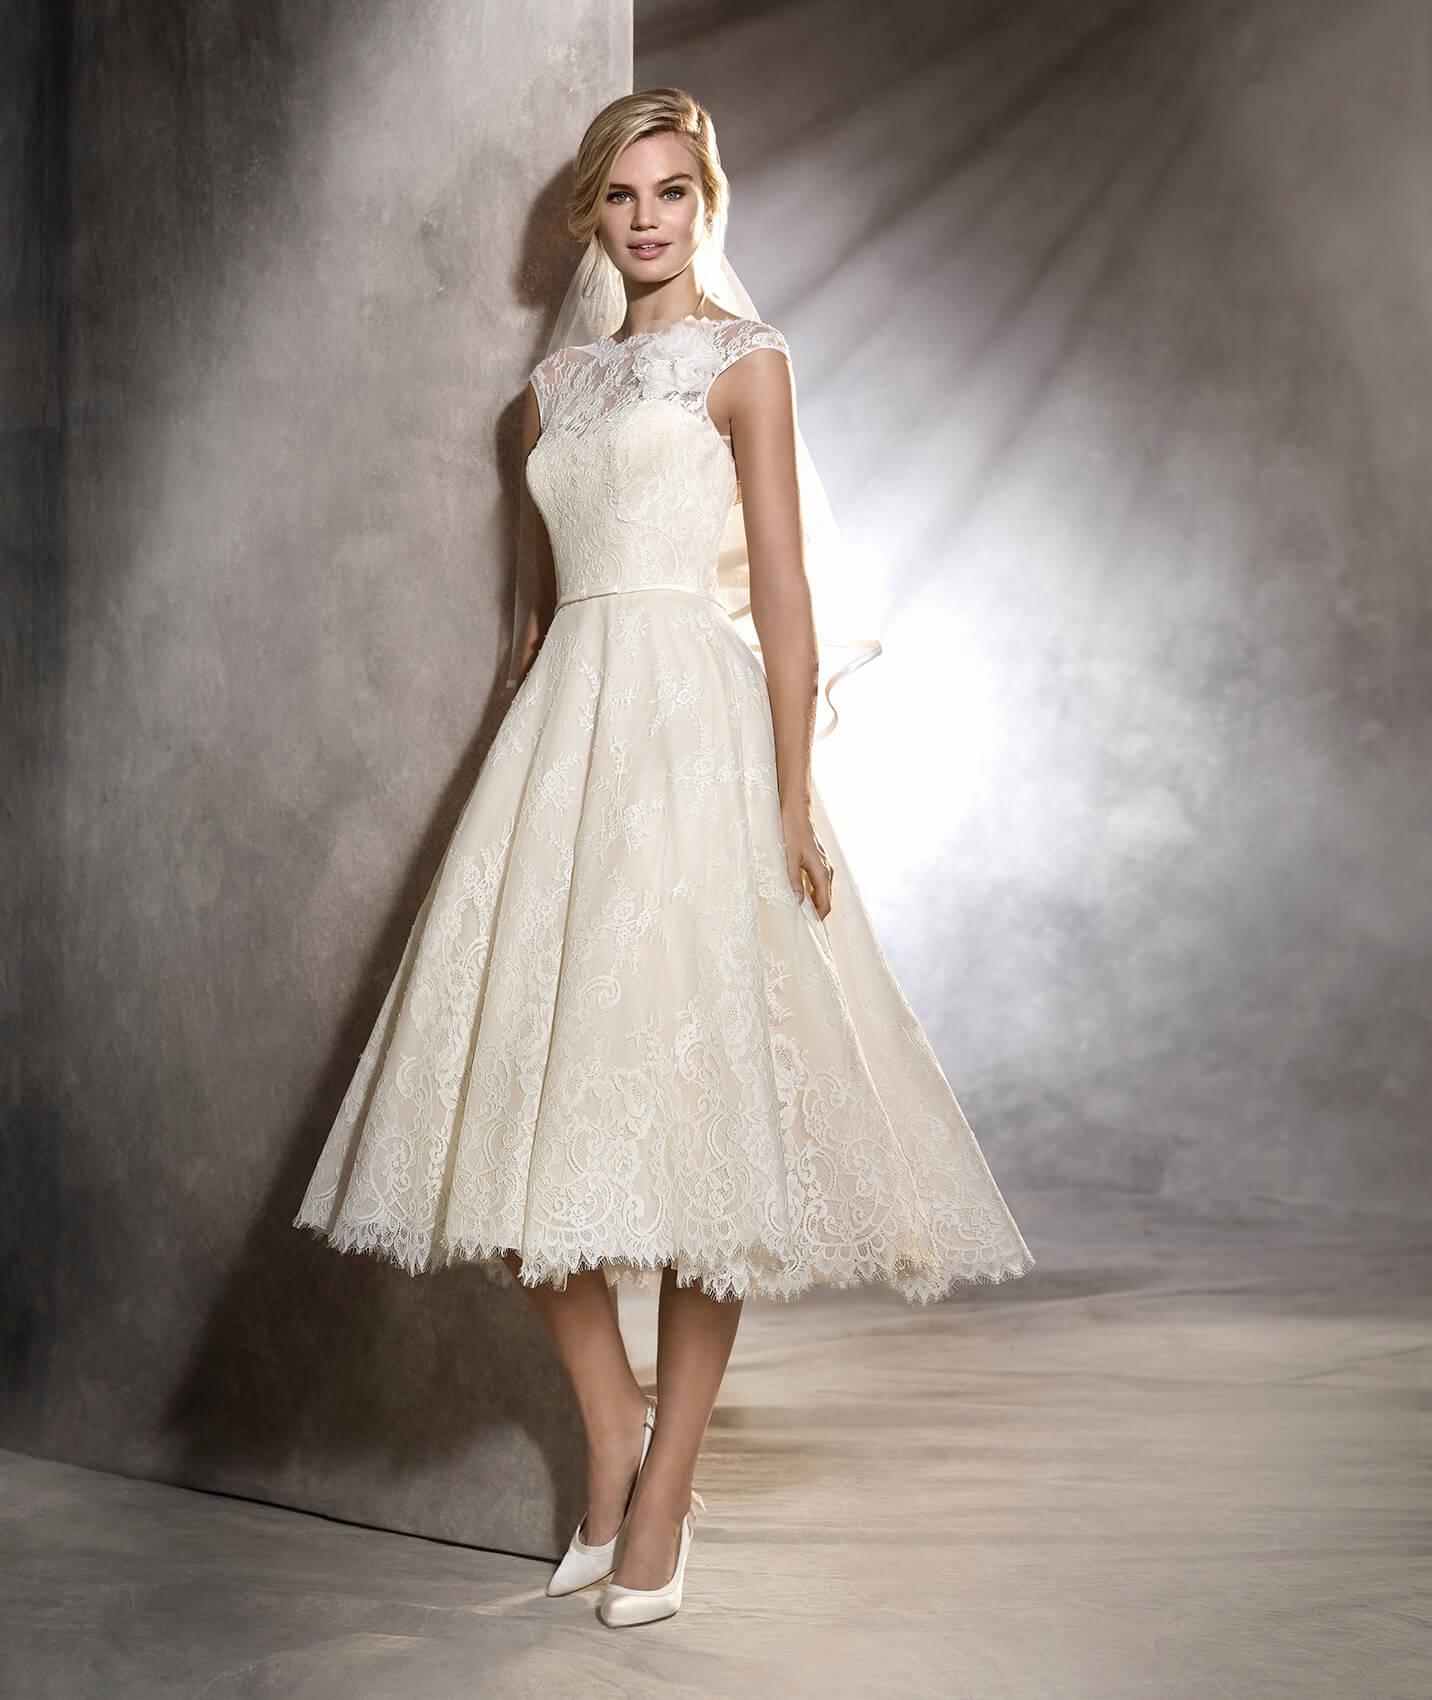 Olga cвадебные платья